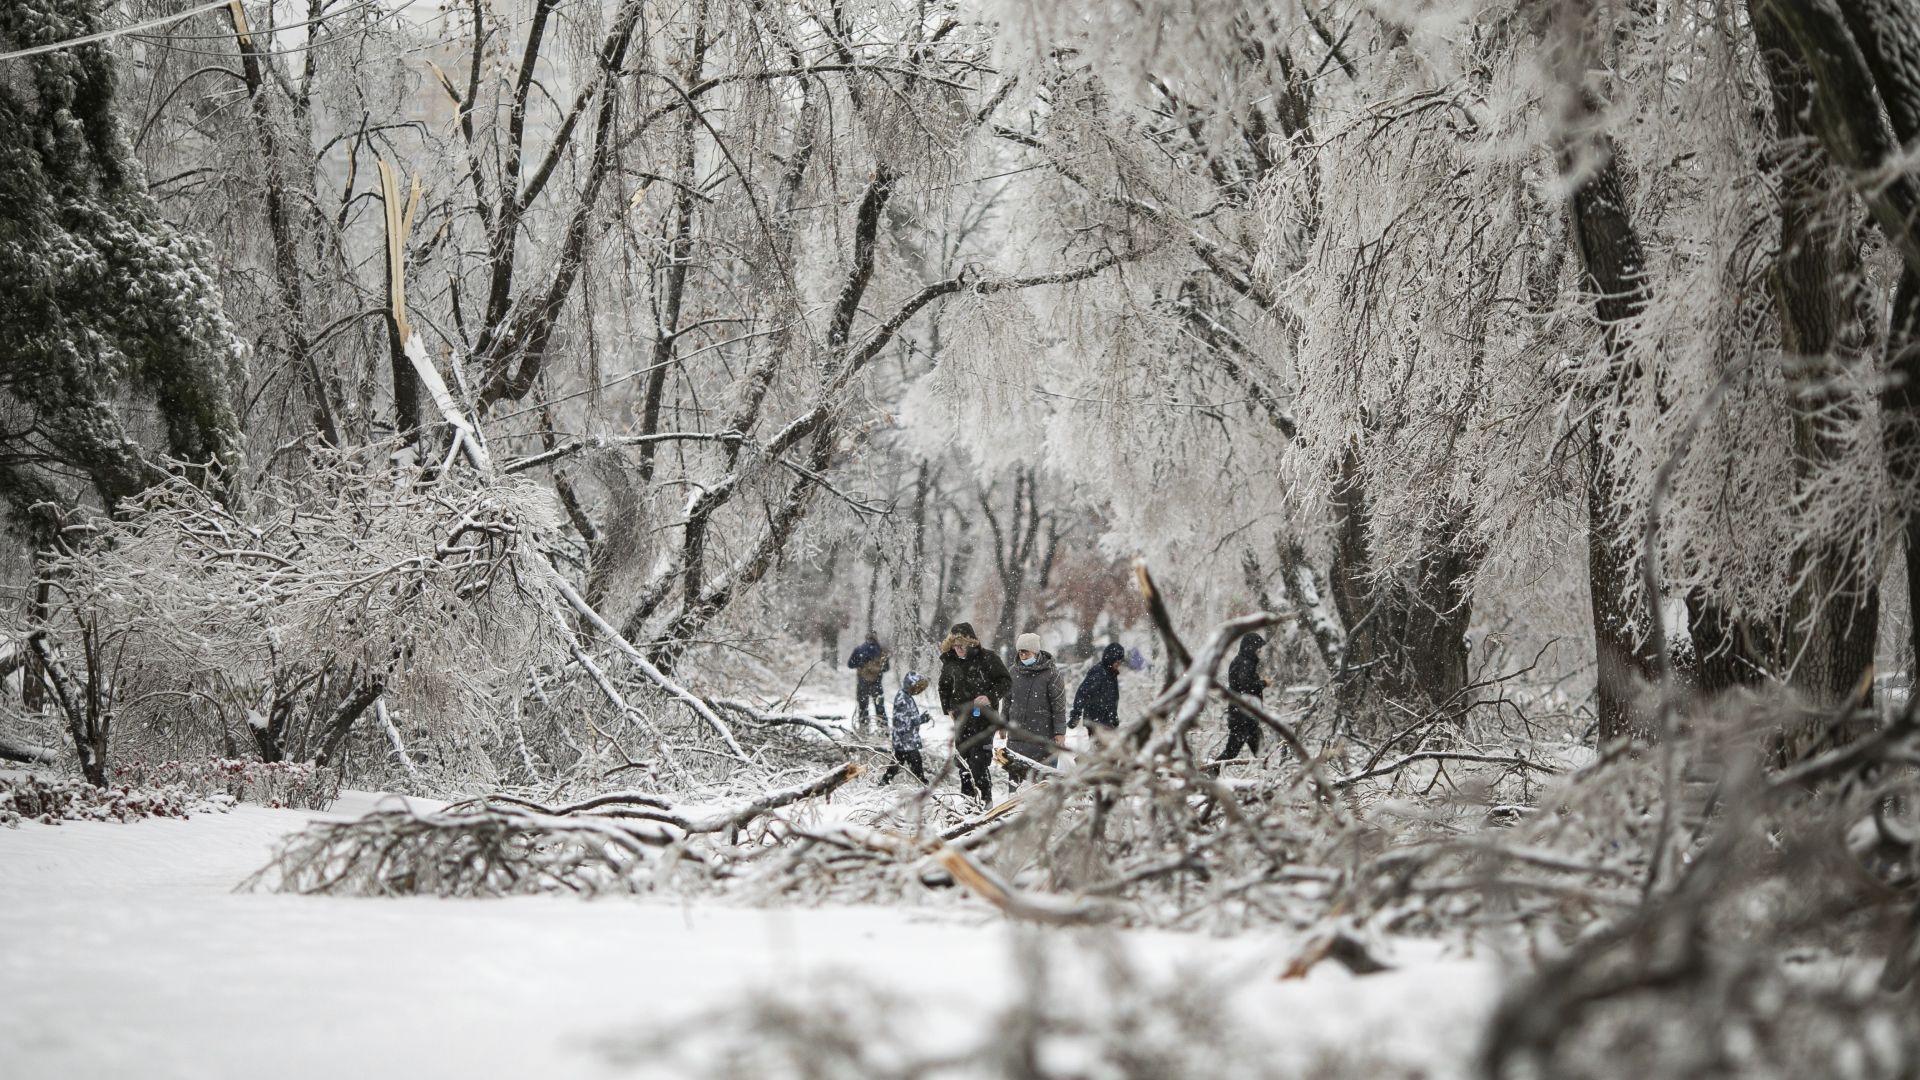 Безпрецедентна ледена буря остави хиляди хора в руския Далечен изток без ток и отопление (снимки)